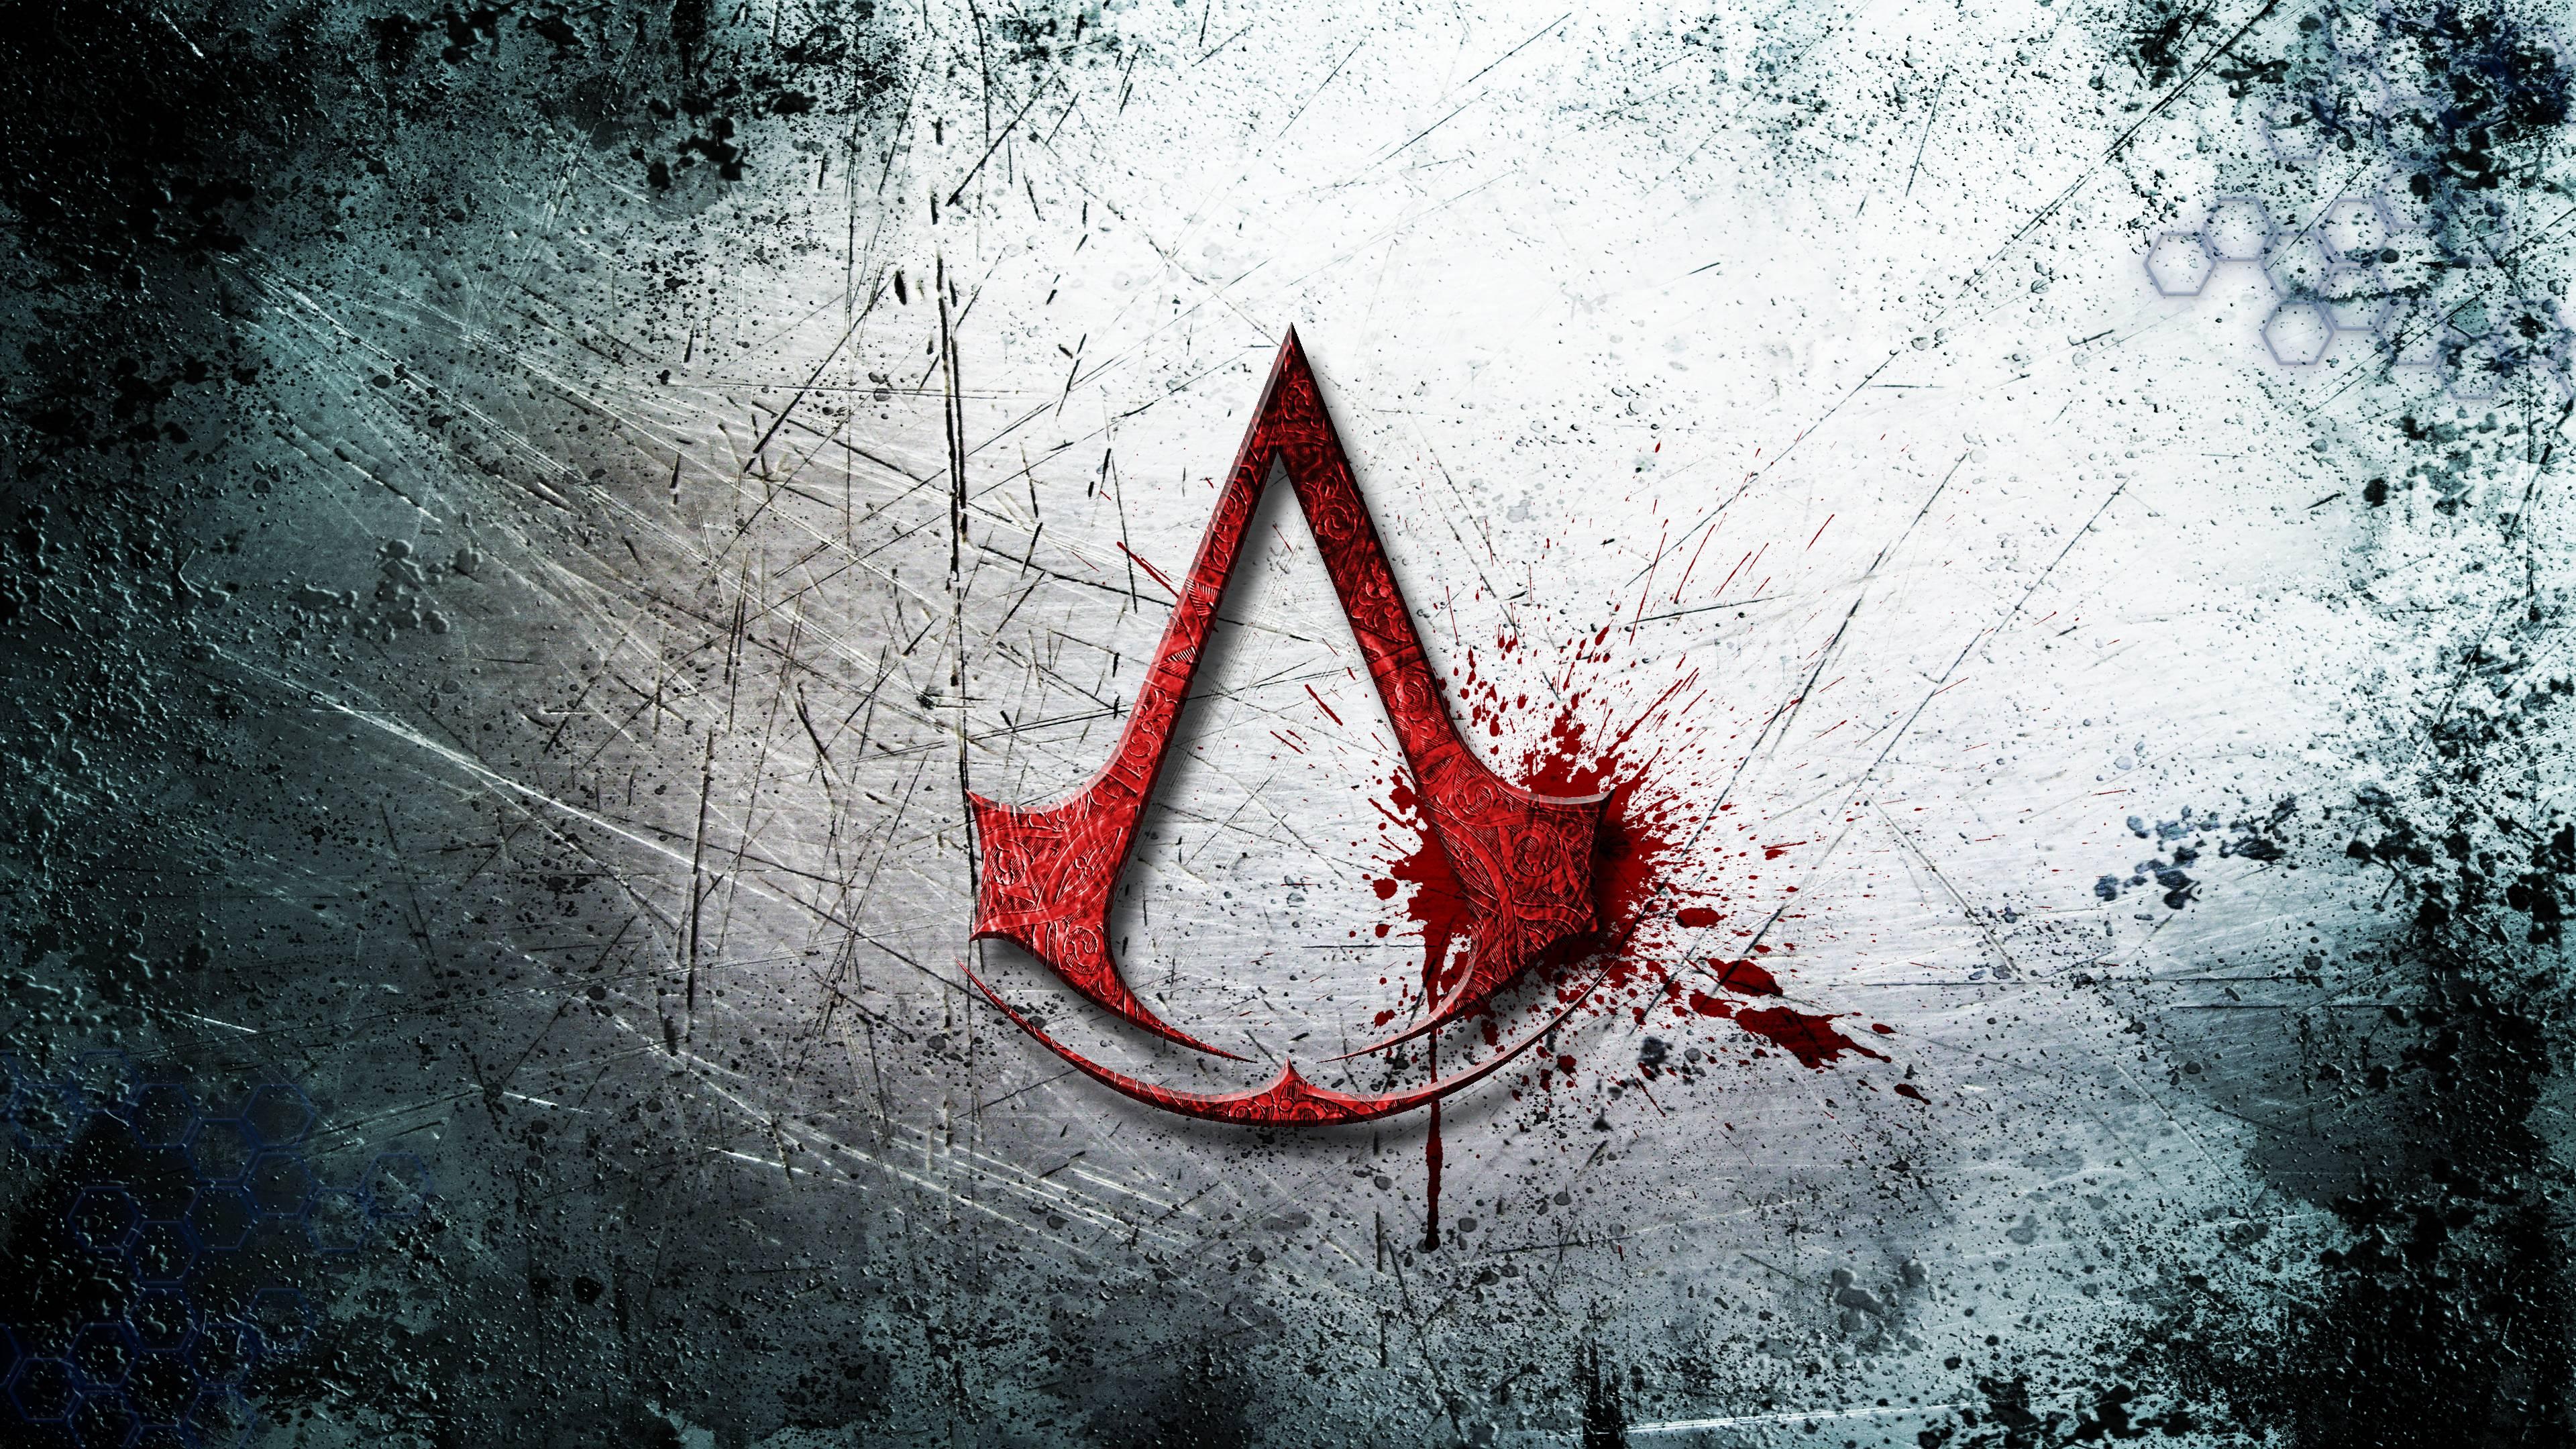 Assassins Creed Wallpaper | 3840x2160 | ID:39572 | Asasssin's